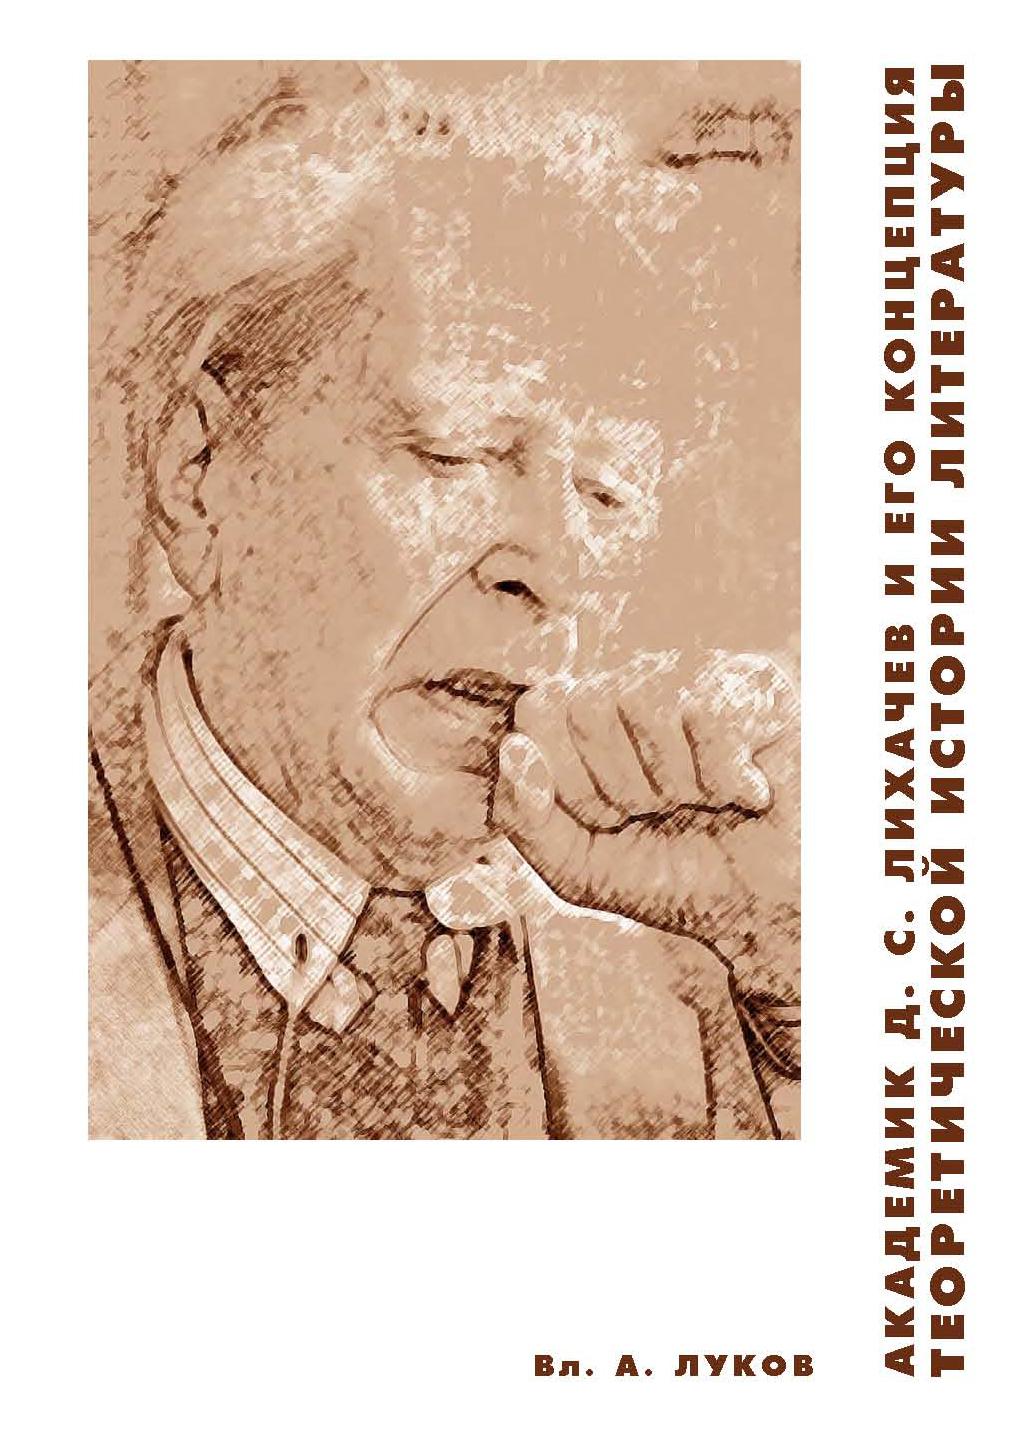 Луков Вл. А. Академик Д. С. Лихачев и его концепция теоретической истории литературы : Монография. — М. : Гуманитарный институт телевидения и радиовещания им. М. А. Литовчина (ГИТР), 2011. — 116 с. ISBN 978-5-94237-040-4